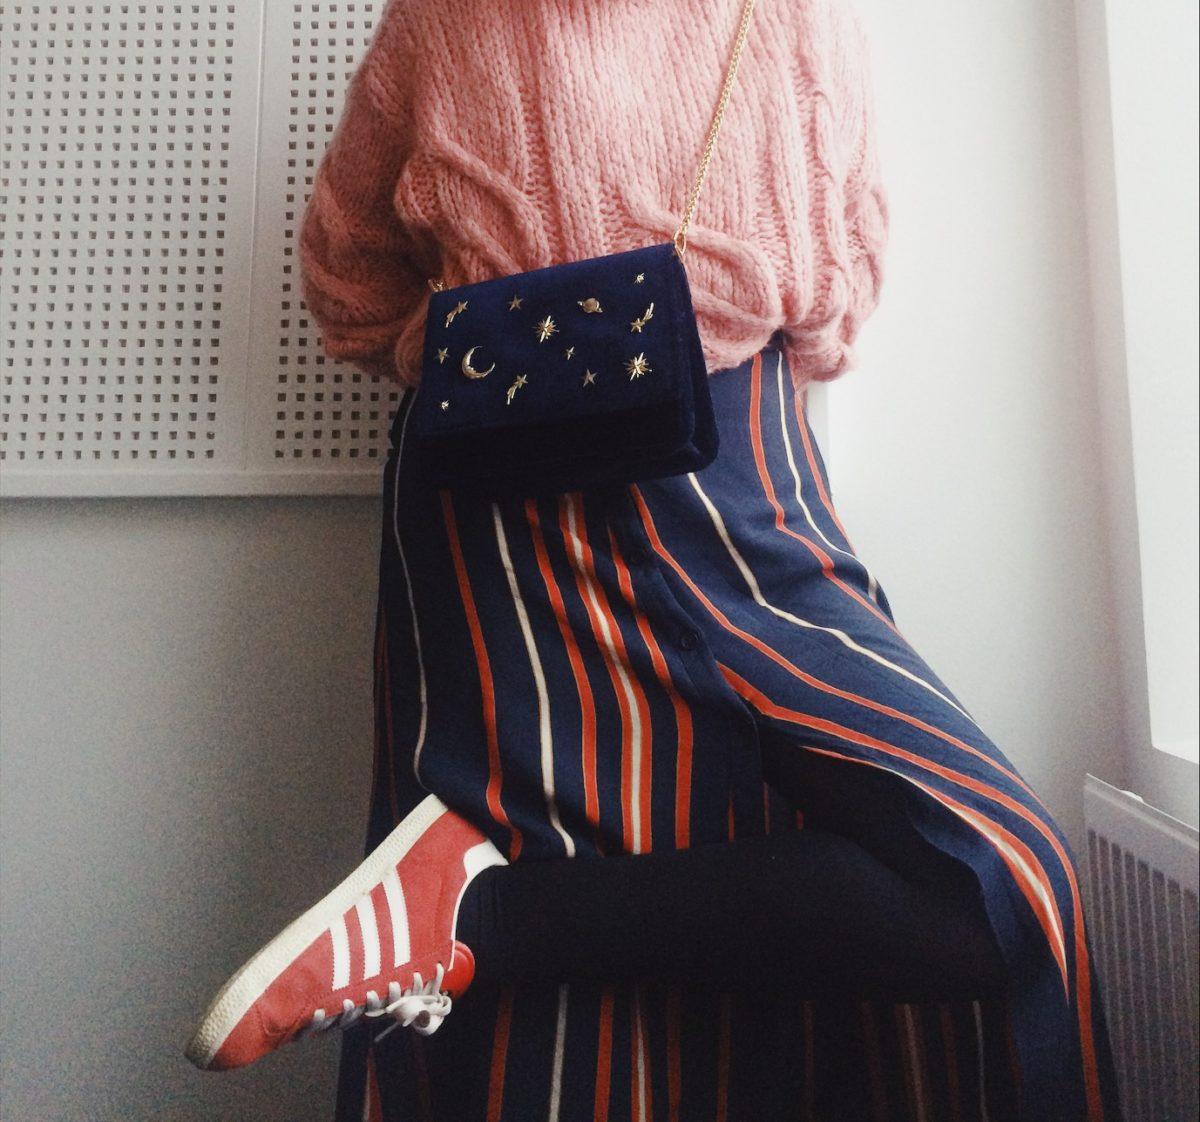 aac9abe15e3 Här är en outfit jag har haft när jag satt ensam på skolan. Alltså, det går  just nu sådär med min kapselgarderob. Jag köper så mycket second hand ...